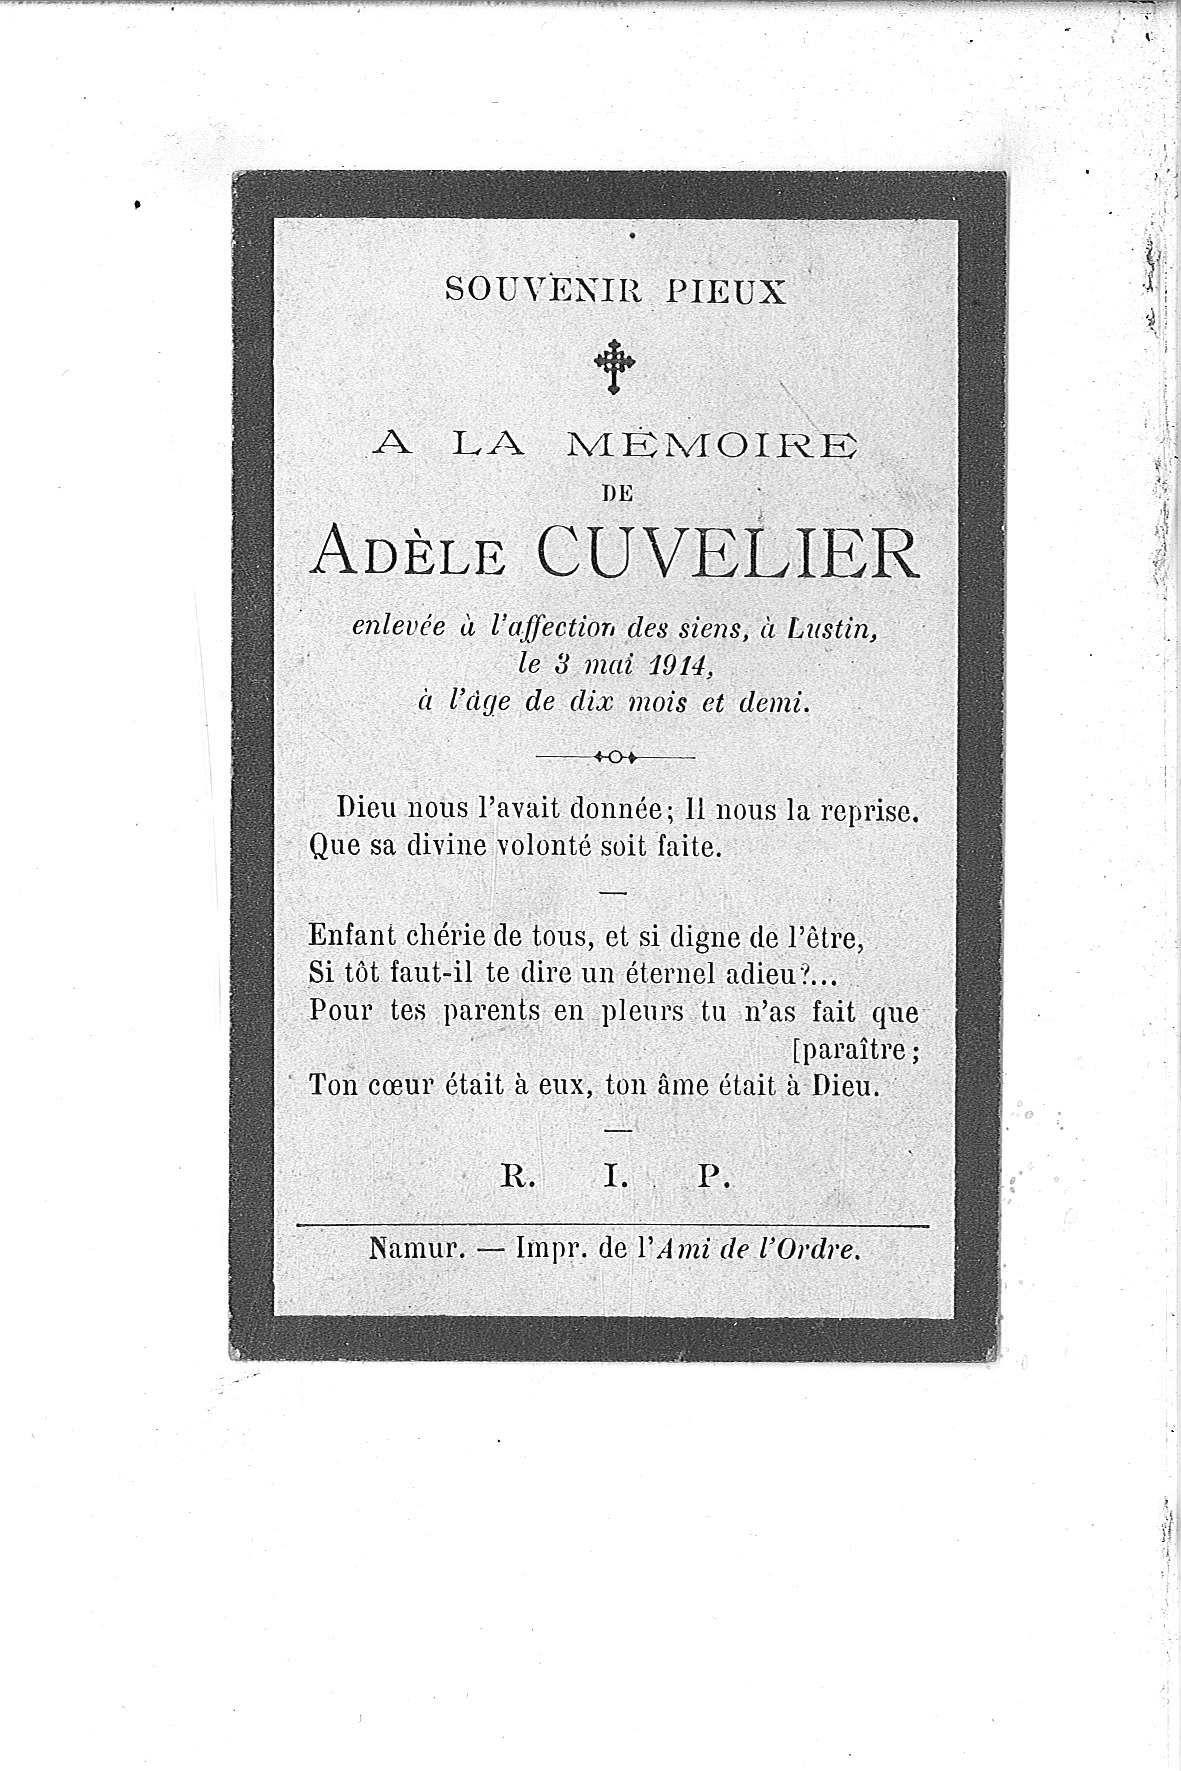 Adèle (1914) 20120117161928_00171.jpg